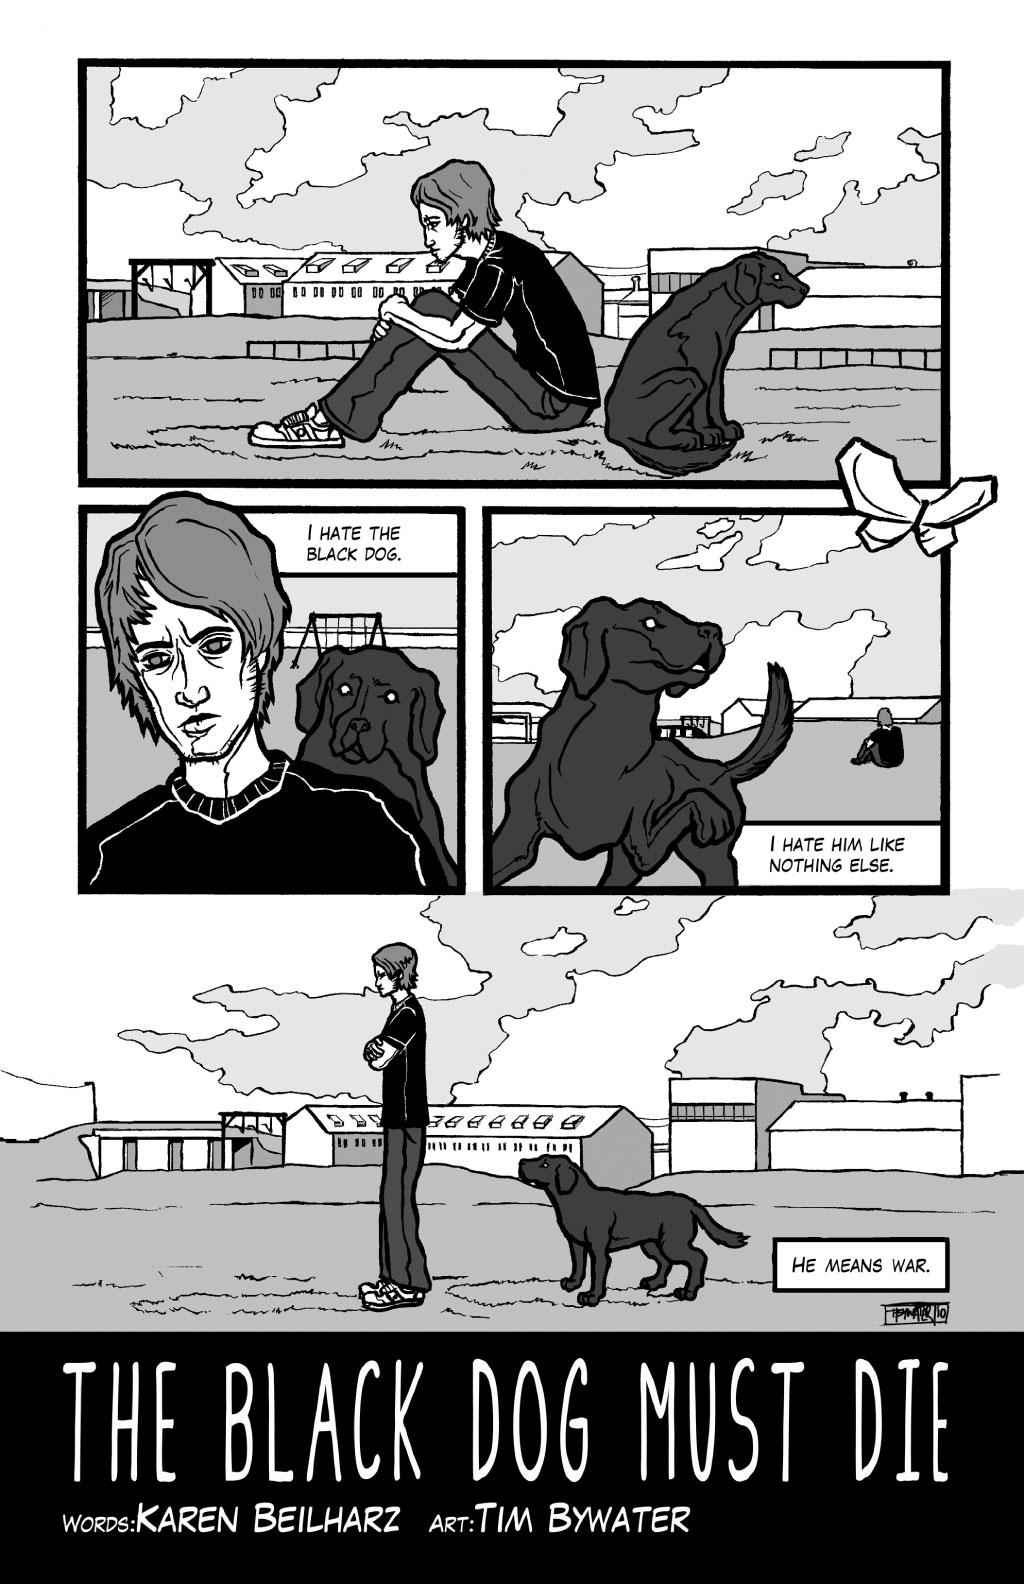 The-black-dog-must-die-1